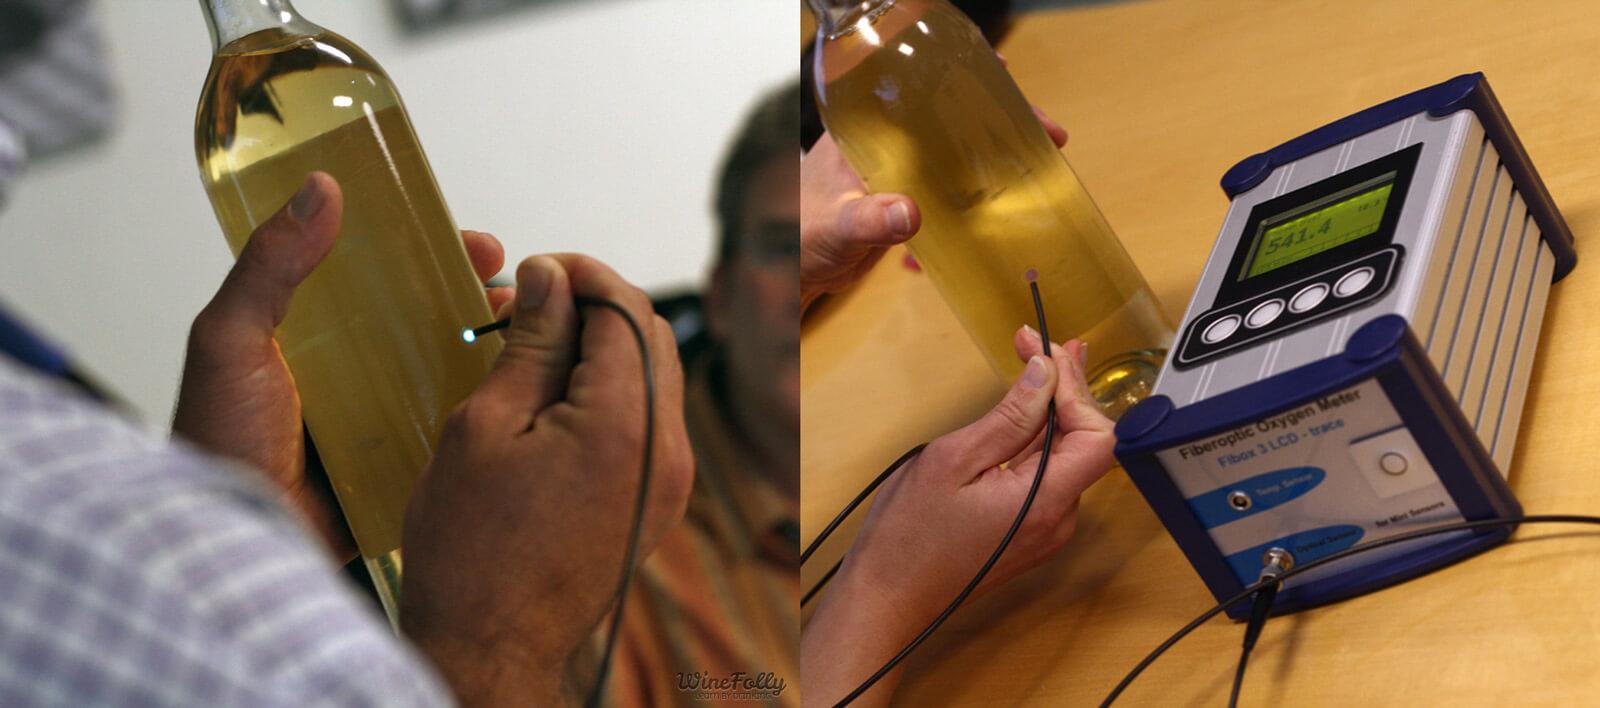 oxygen-sensor-in-wine